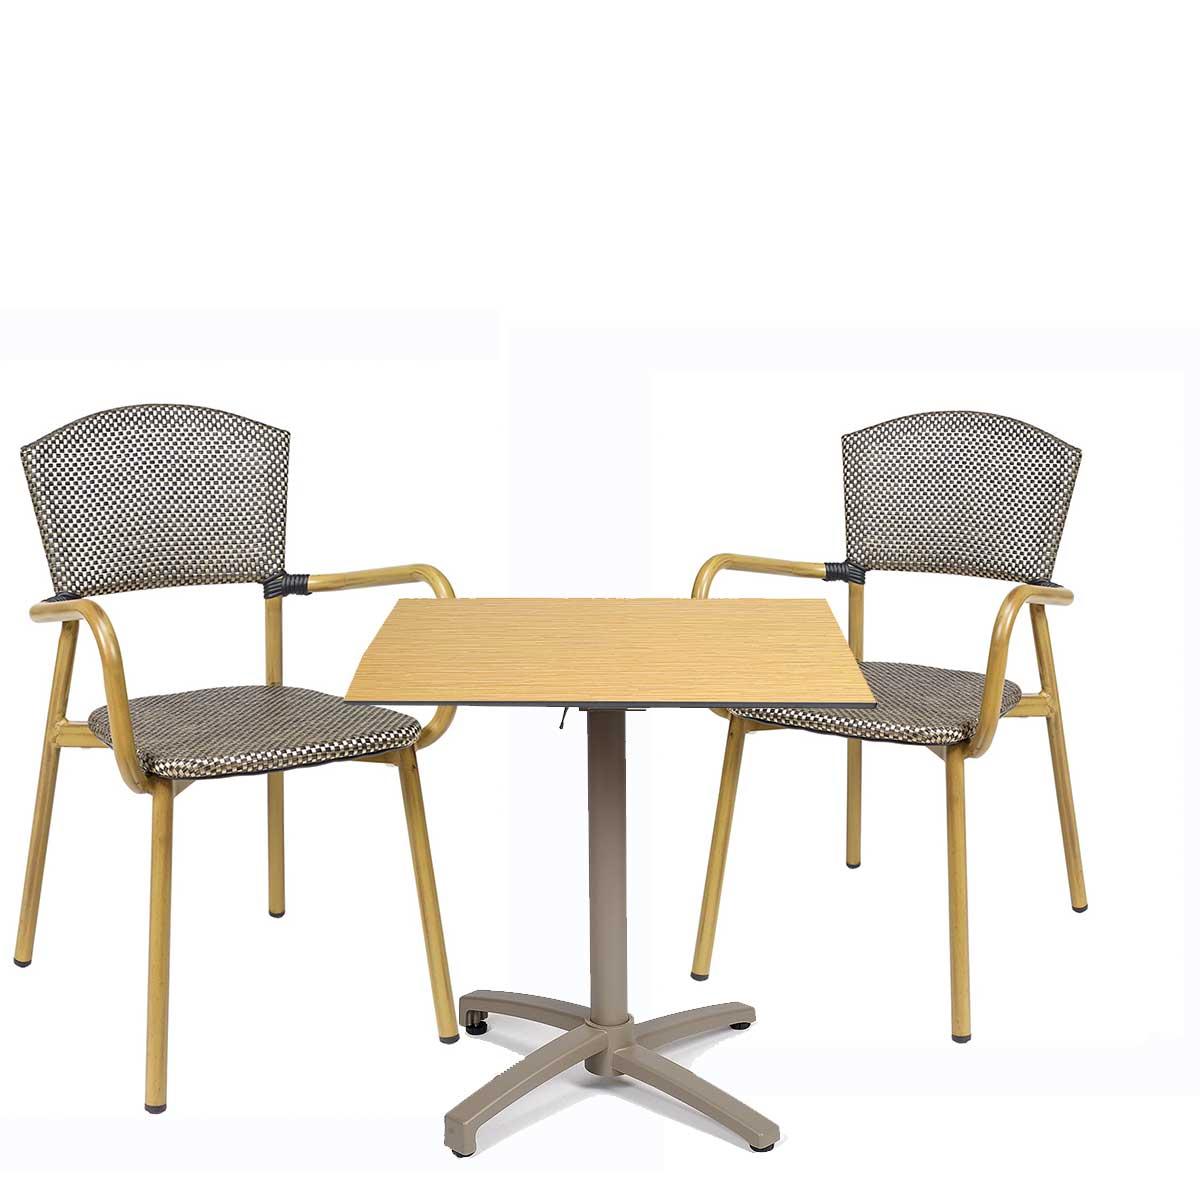 conjunto sillón protofino textilene dorado con mesa noruega taupe REYMA